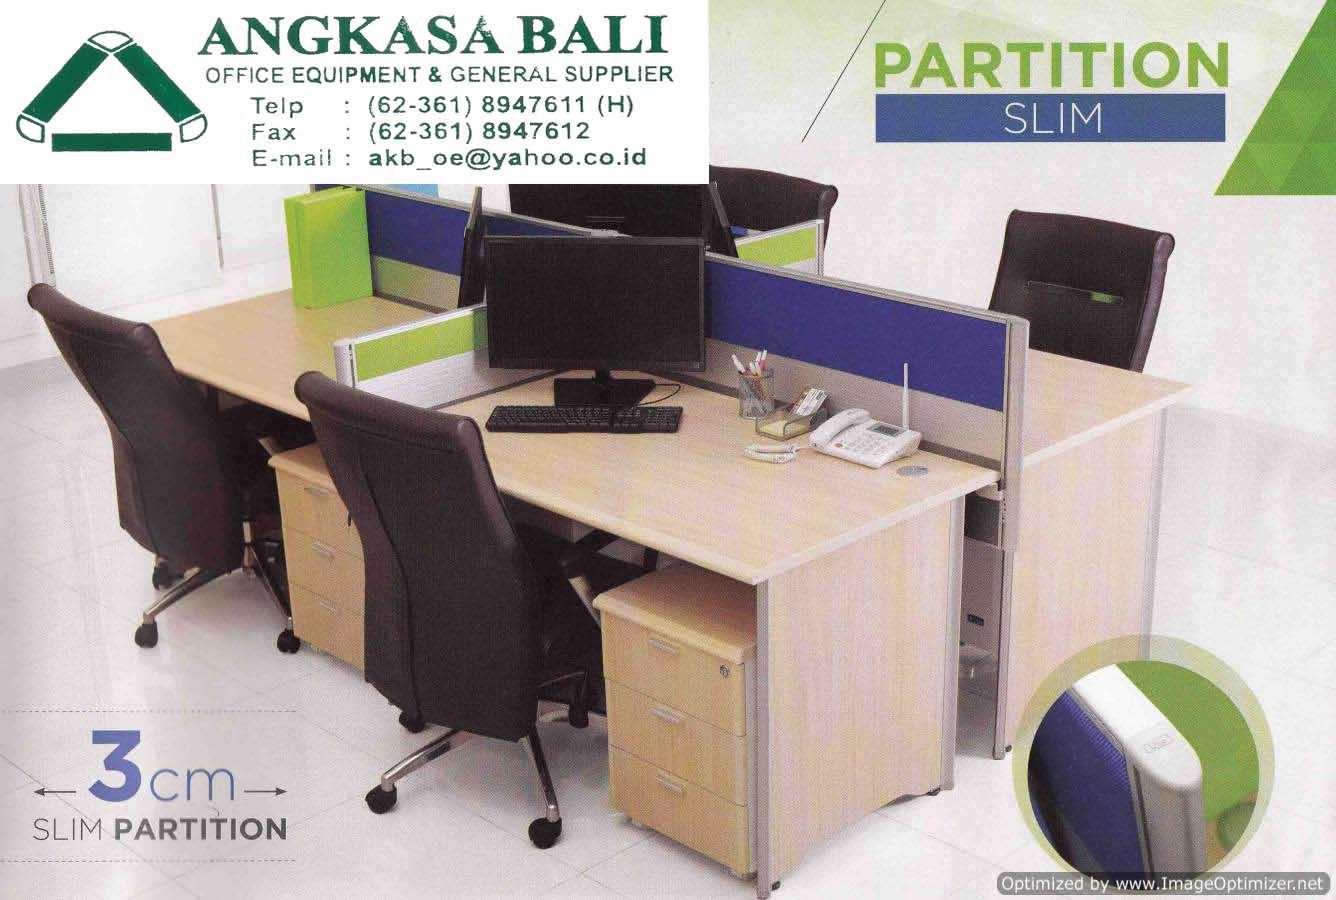 Jual Alat Kantor Dan Furniture Meja Kursi Kantor Surabaya Jual Meja Kantor Partisi Kantor Di Bali